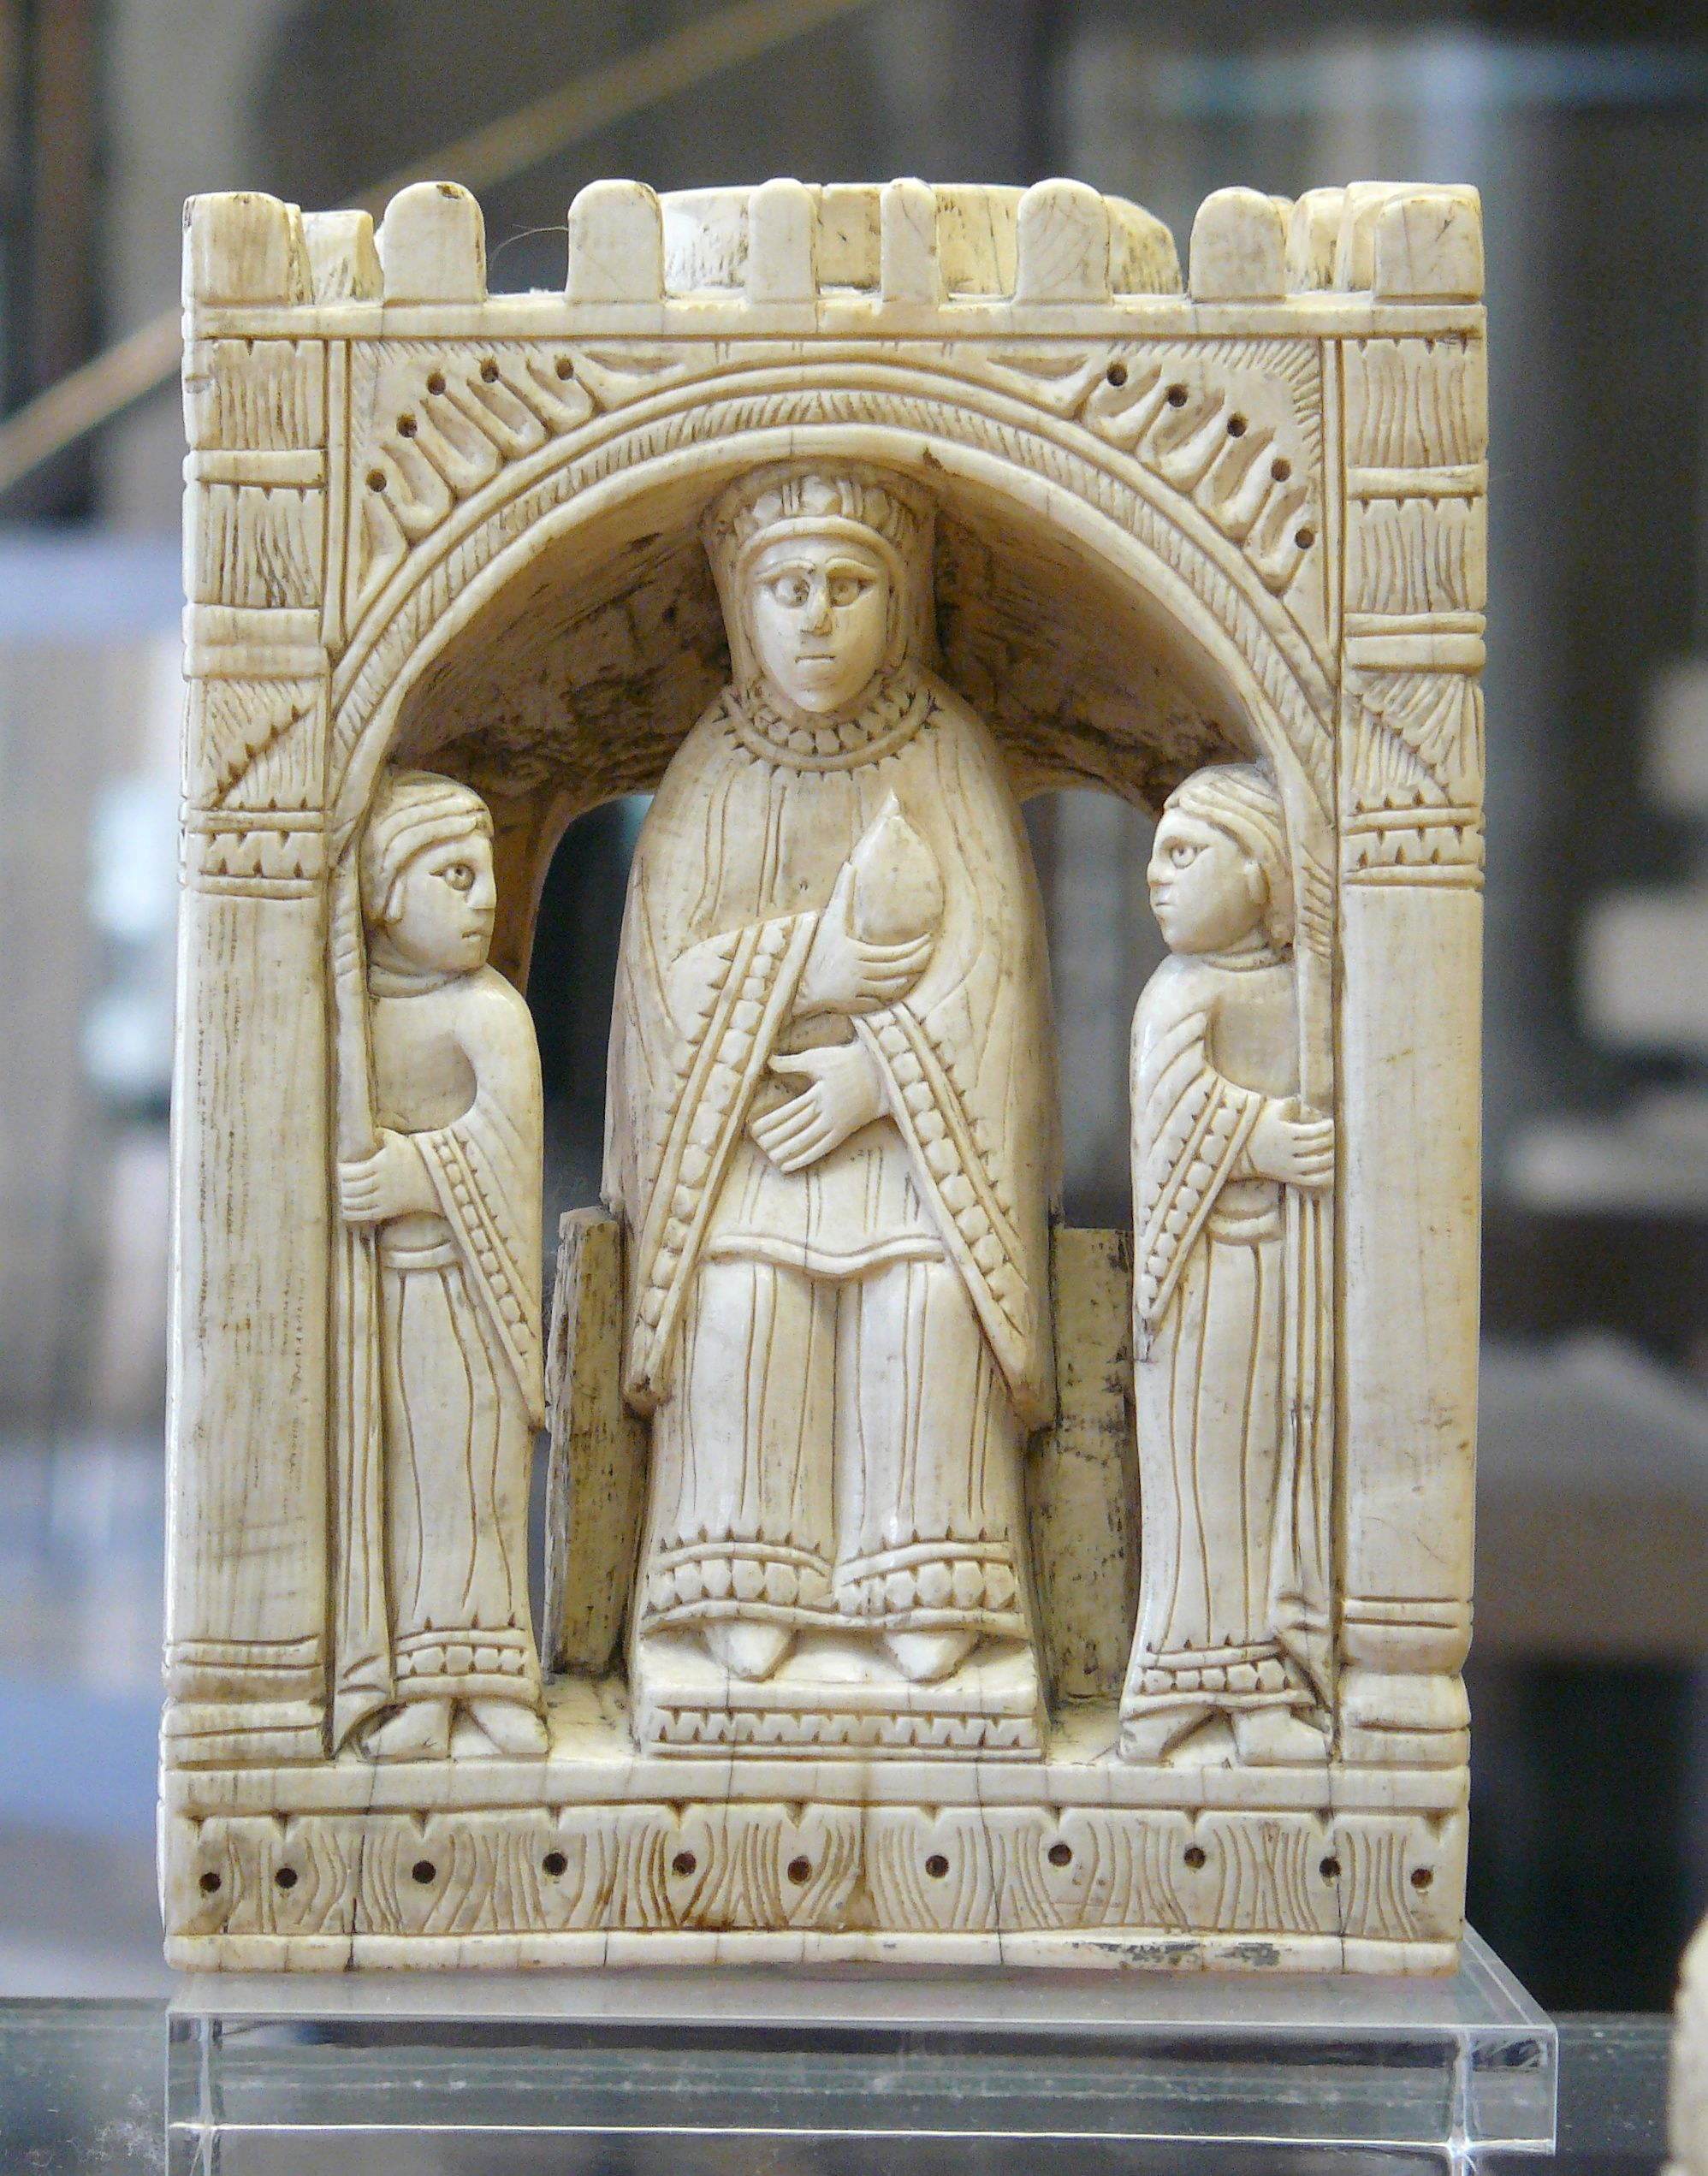 File Echiquier De Charlemagne Reine Cdm Jpg Wikimedia Commons Diosas Celtas Juegos Y Juguetes Tallados